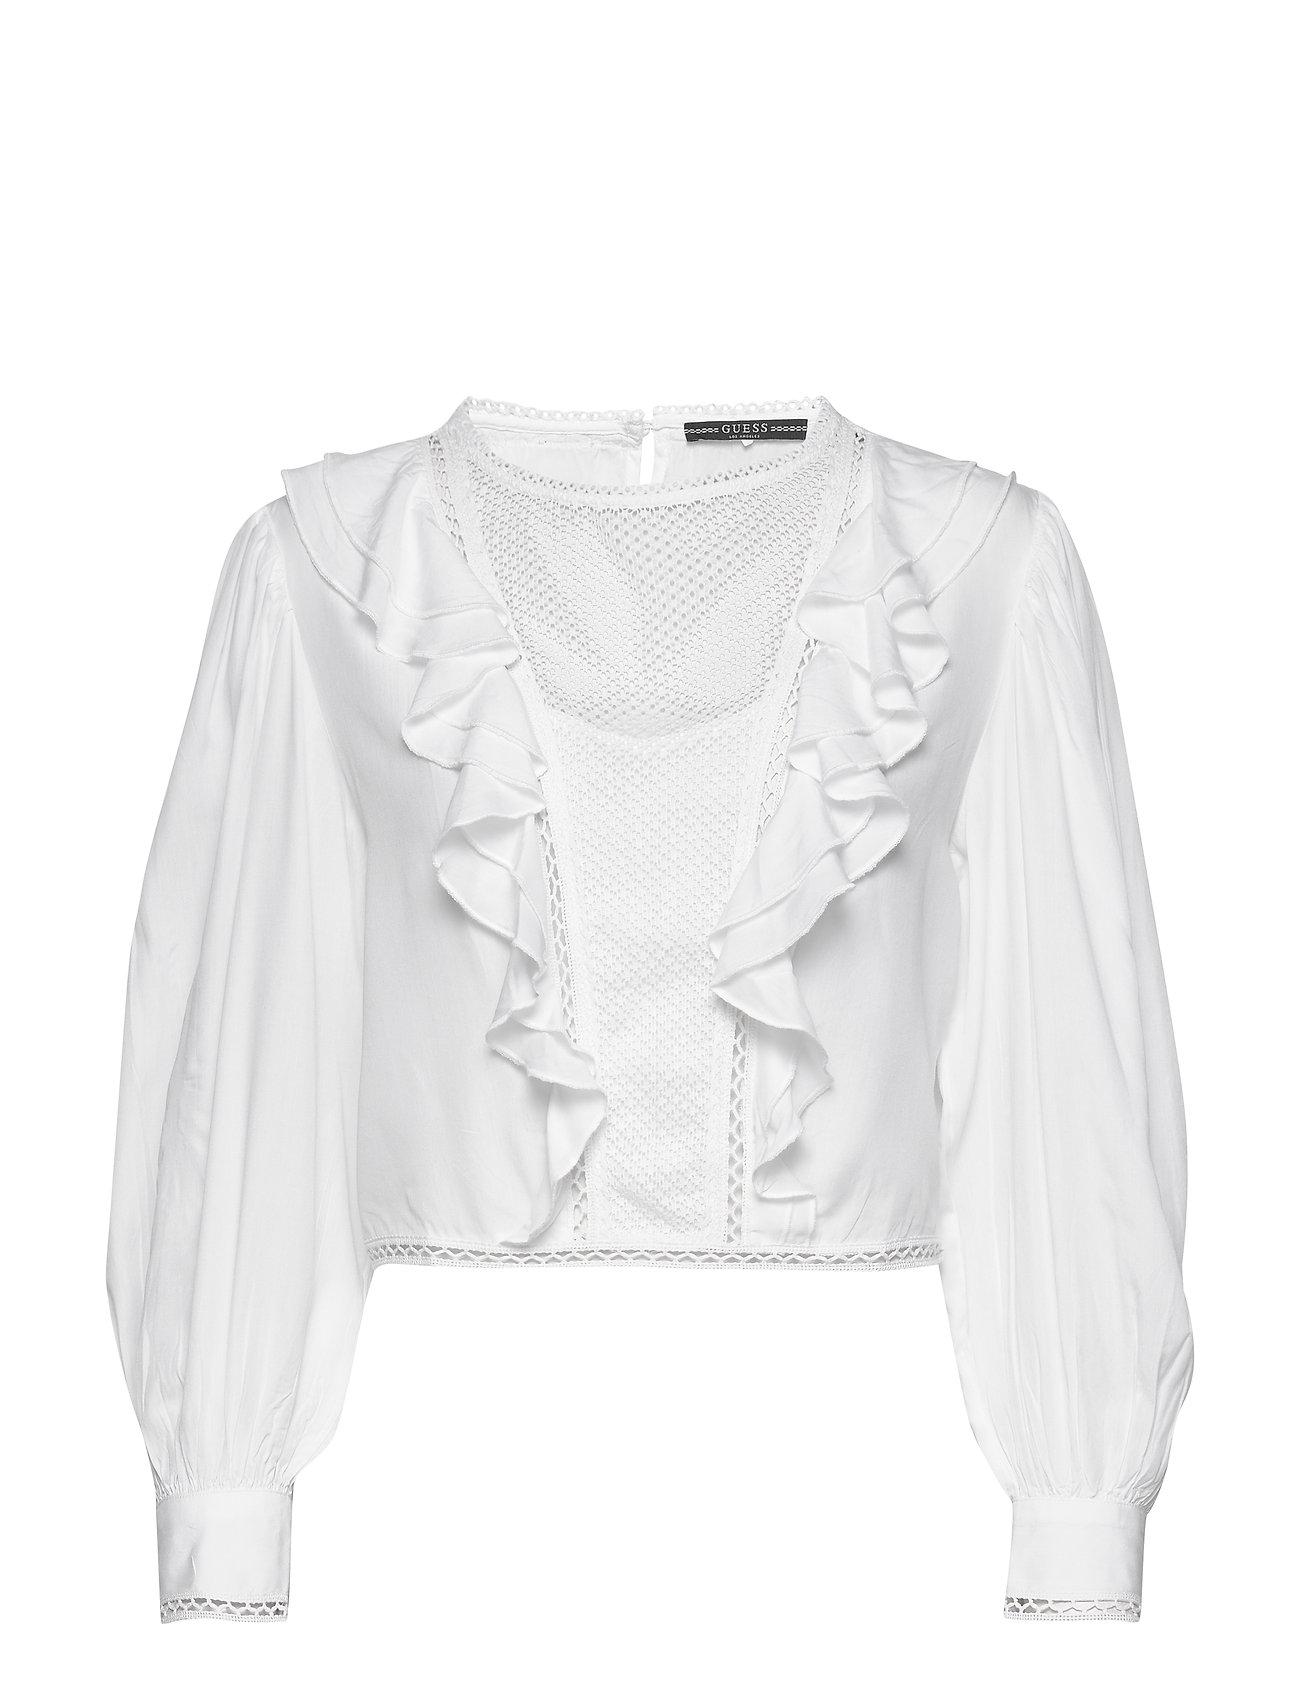 GUESS Jeans LS DAFNE TOP - TRUE WHITE A000